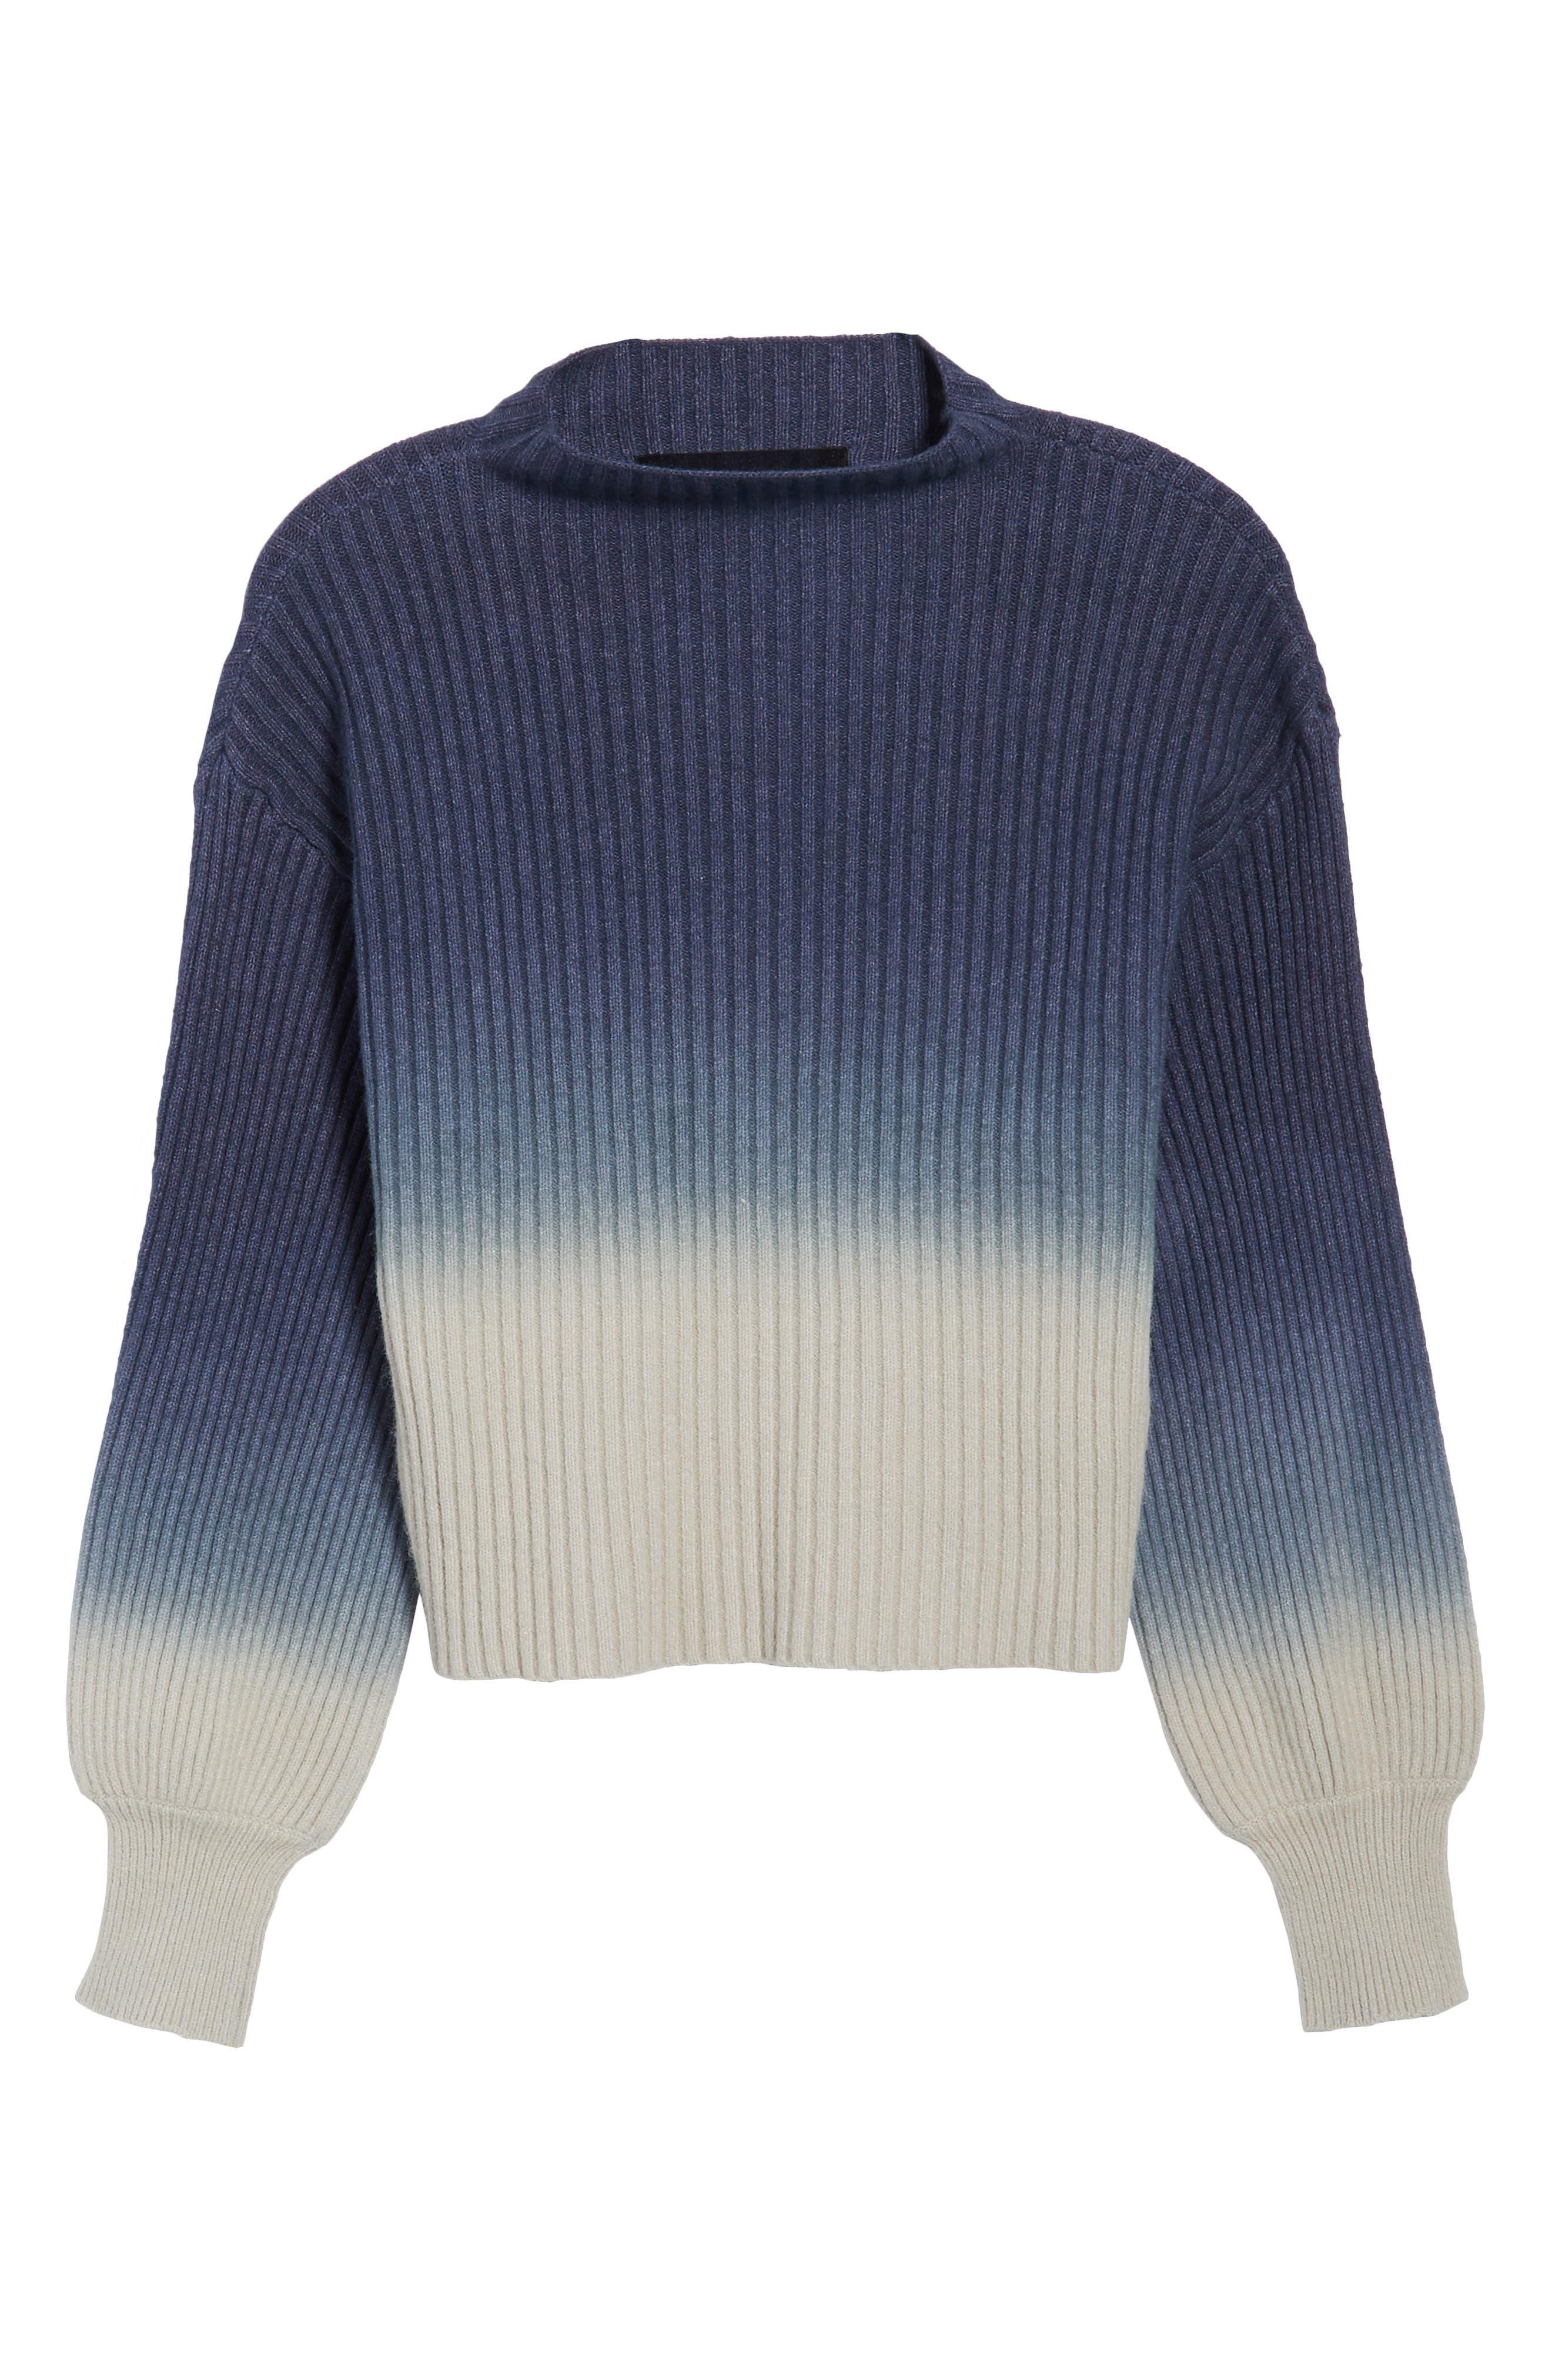 Ombré Sweater,                             Alternate thumbnail 6, color,                             420